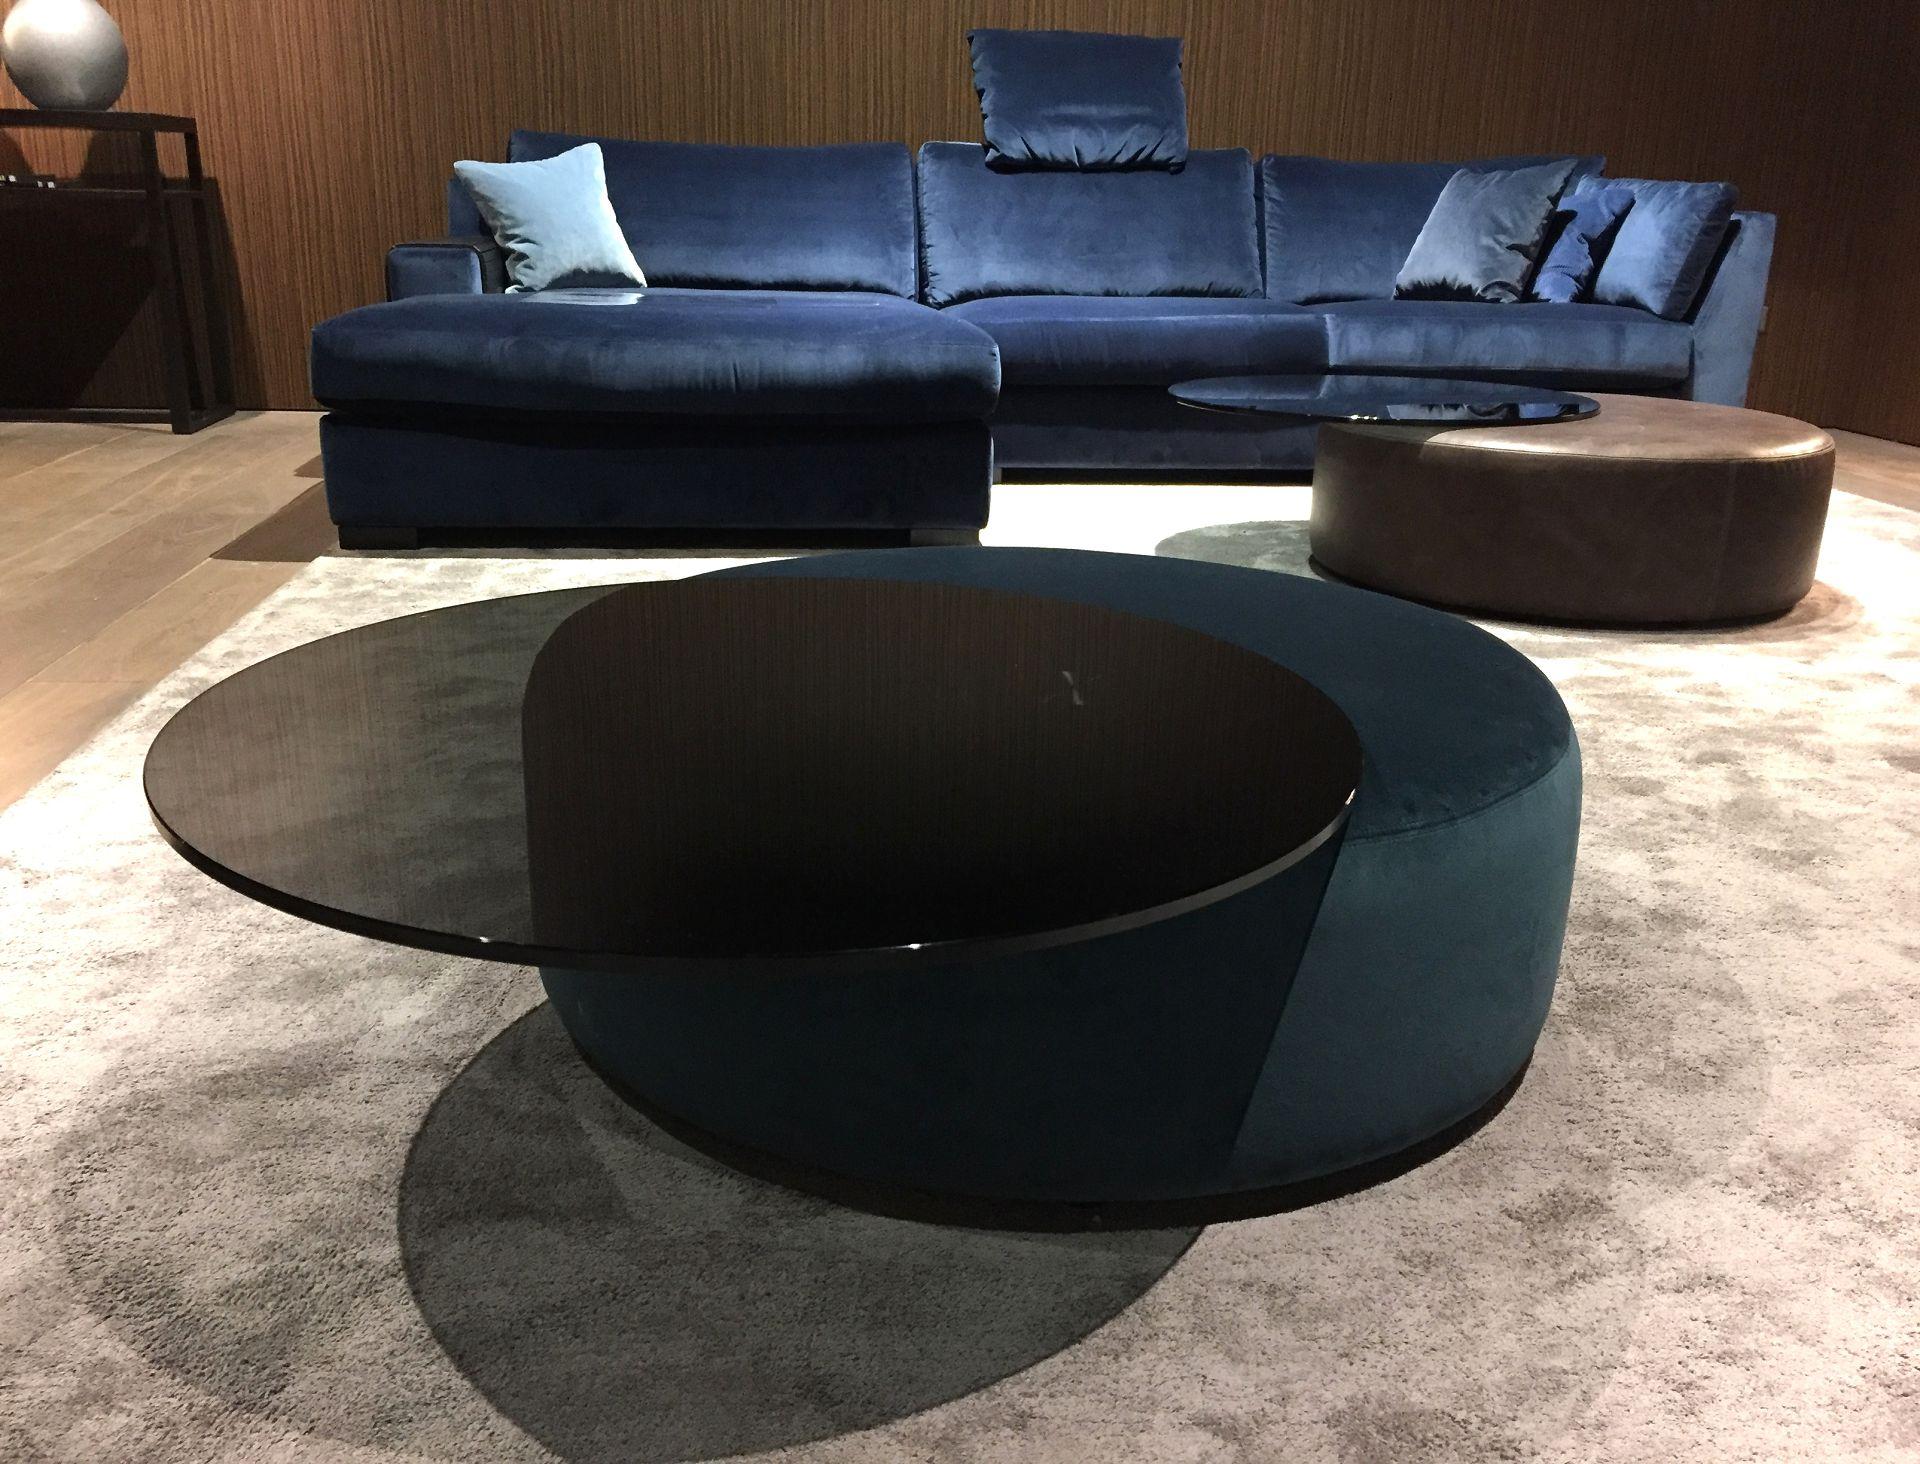 Tisch Hocker Luna Bielefelder Werkstätten. Entwurf von JOI-Design.